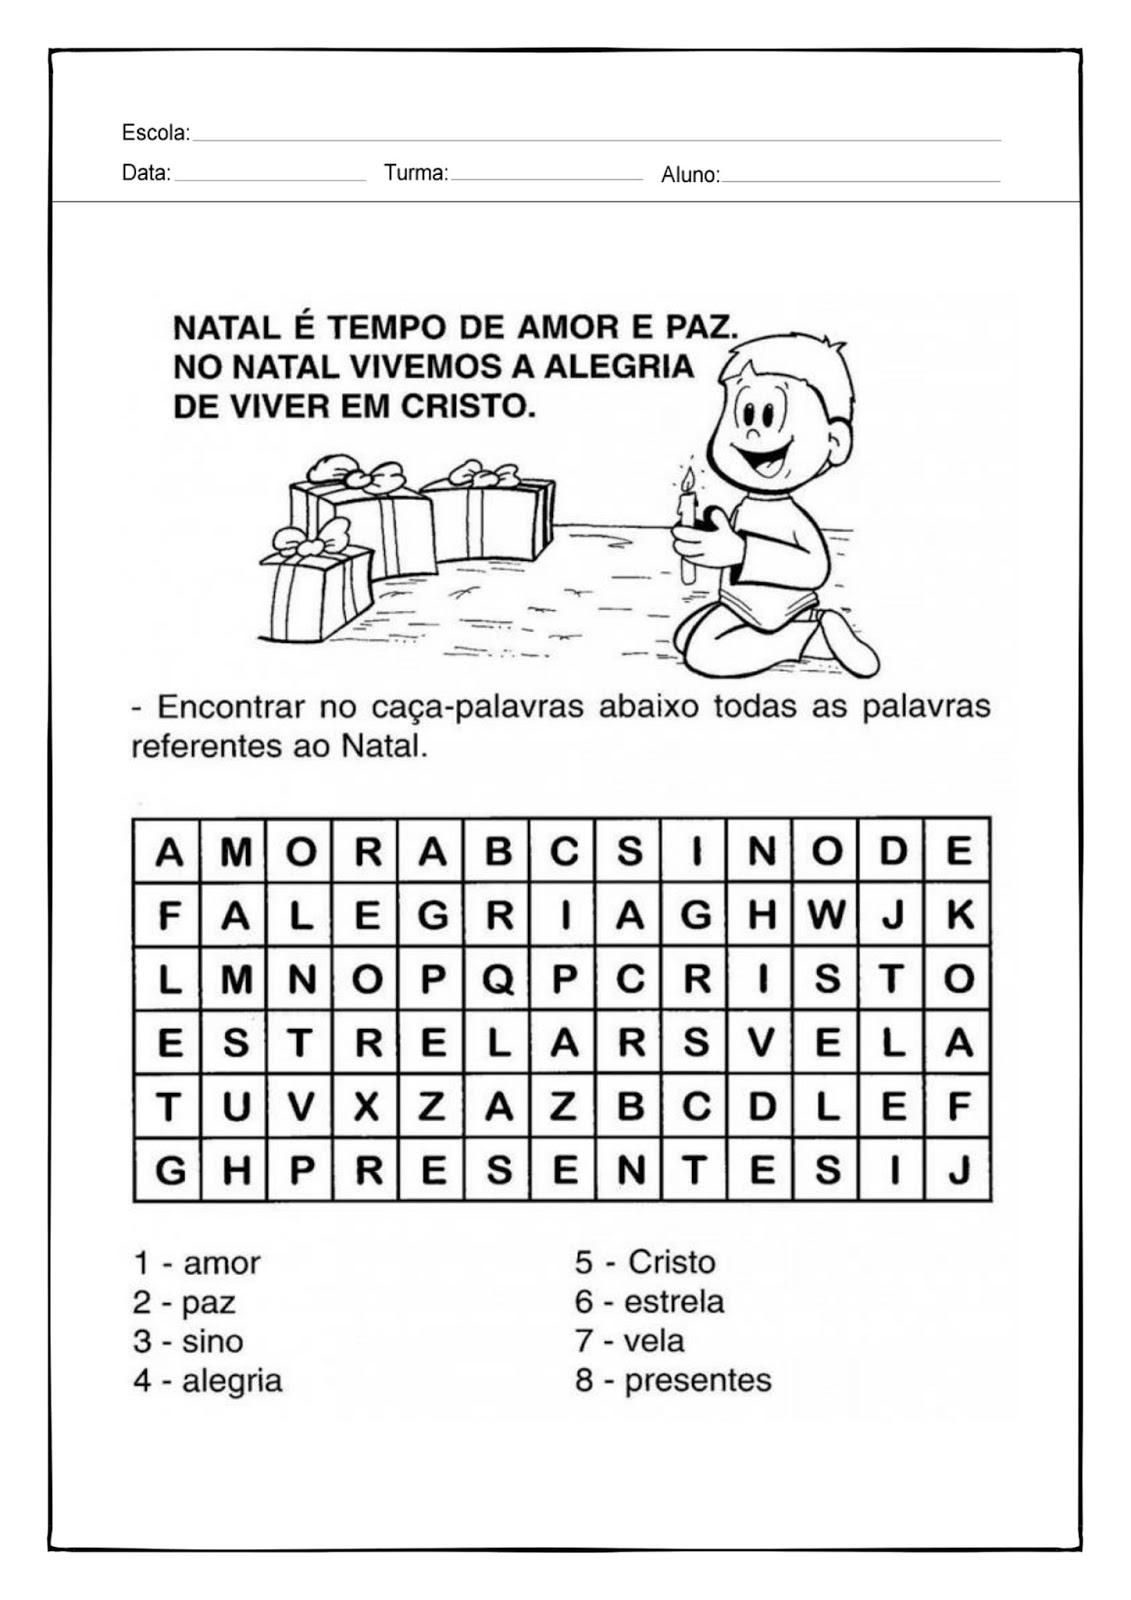 Modelos De Atividades Escolares Caca Palavras Natal Para 1º E 2º Ano